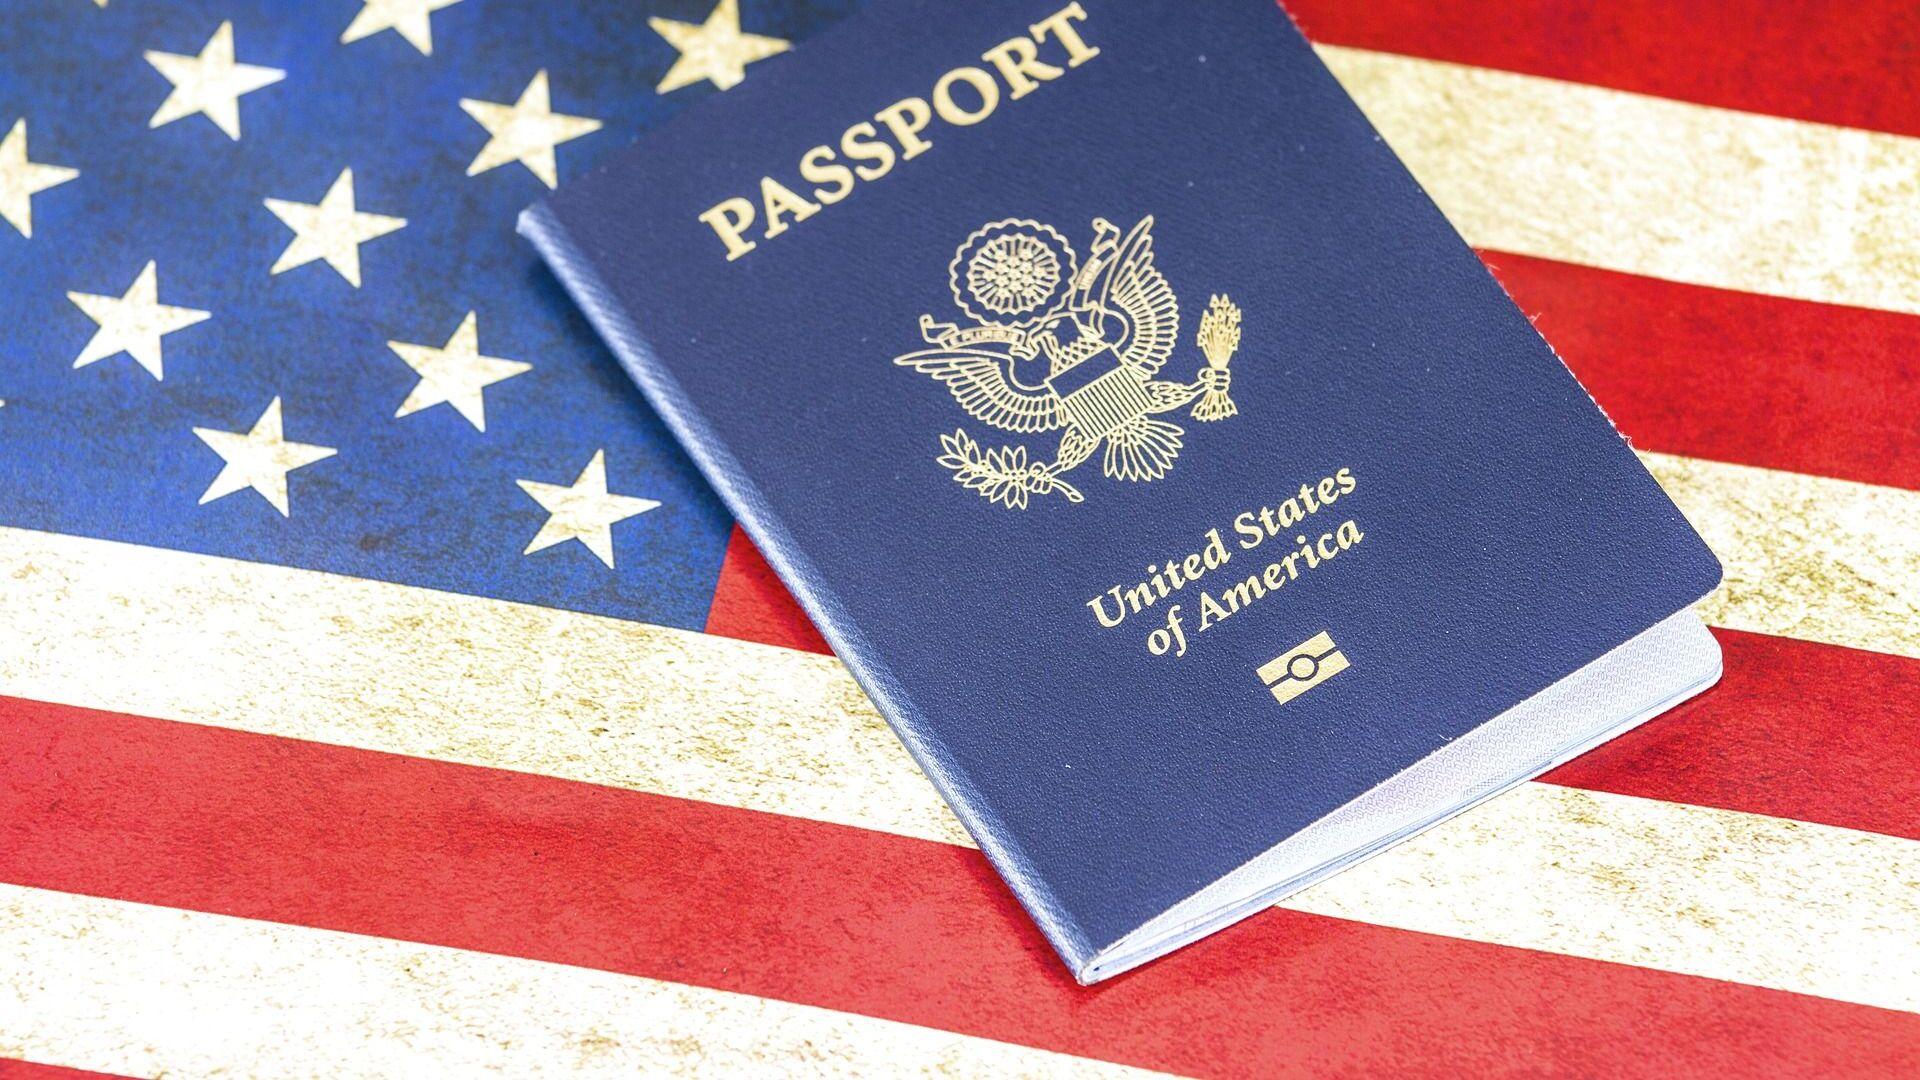 米国 パスポート申請時に自分で性別の選択ができる 国務省が発表 - Sputnik 日本, 1920, 01.07.2021